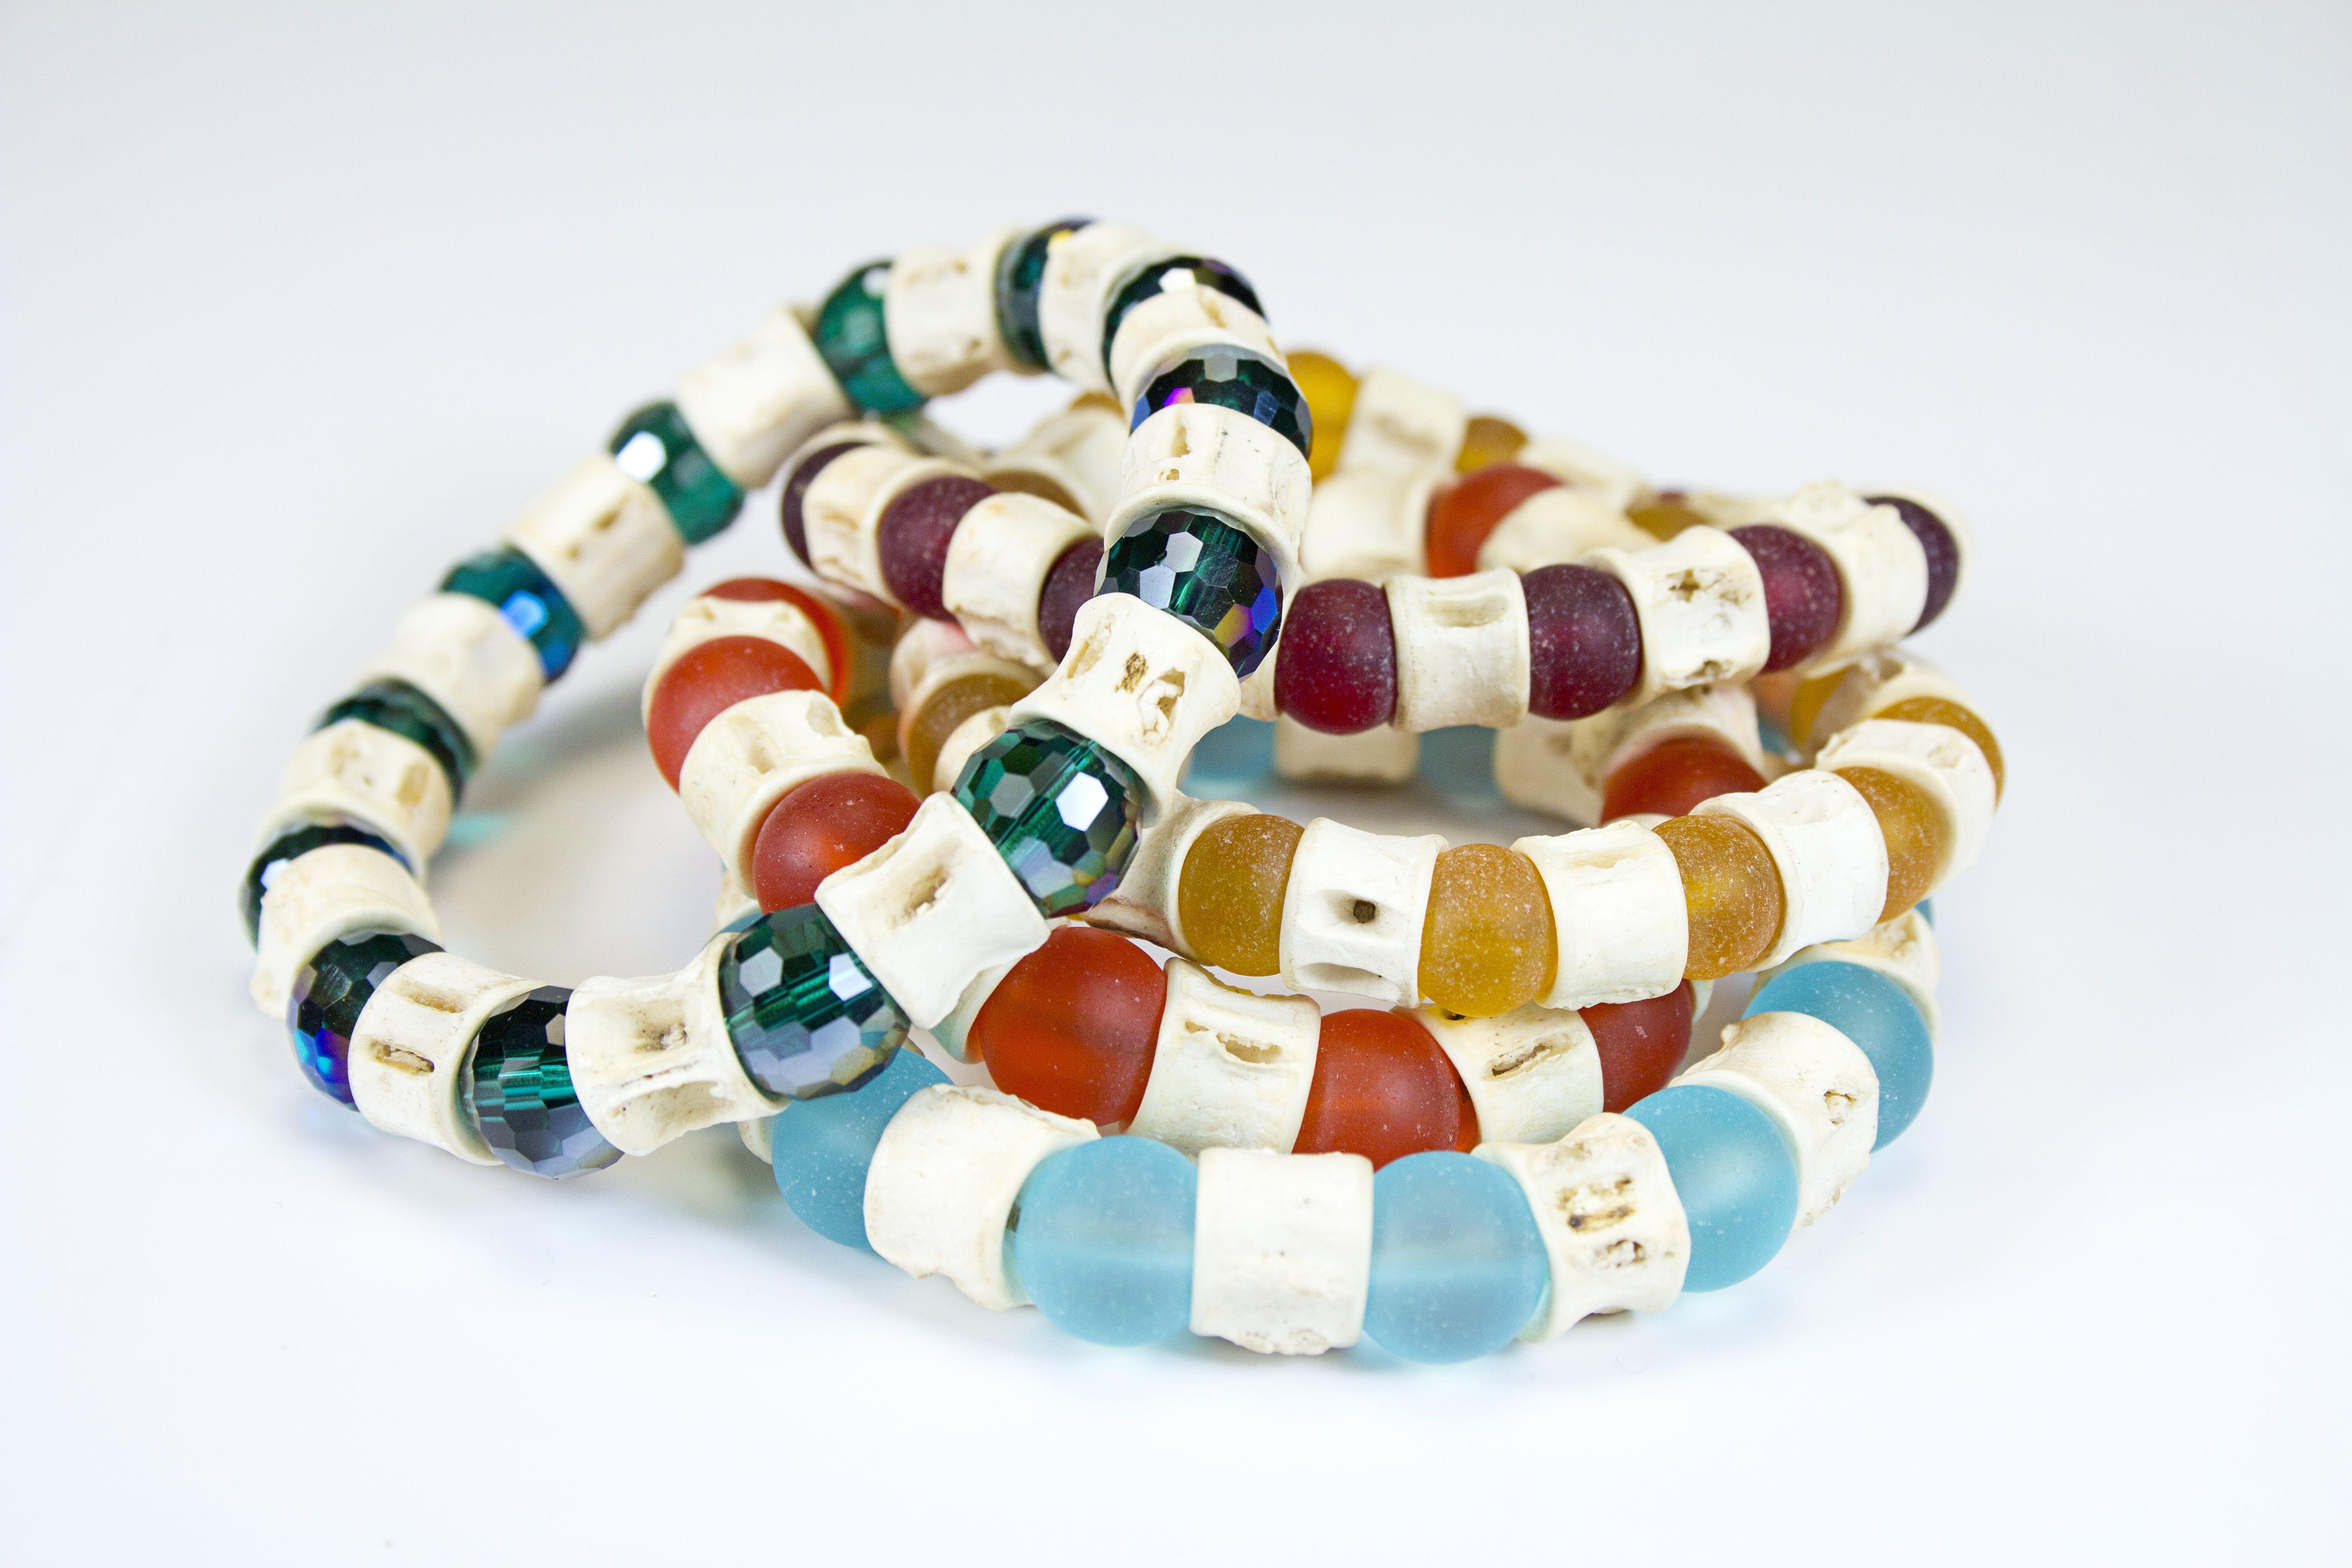 Bracelets vertèbres et perles de verre montés sur élastique #gadhorre #jewelry